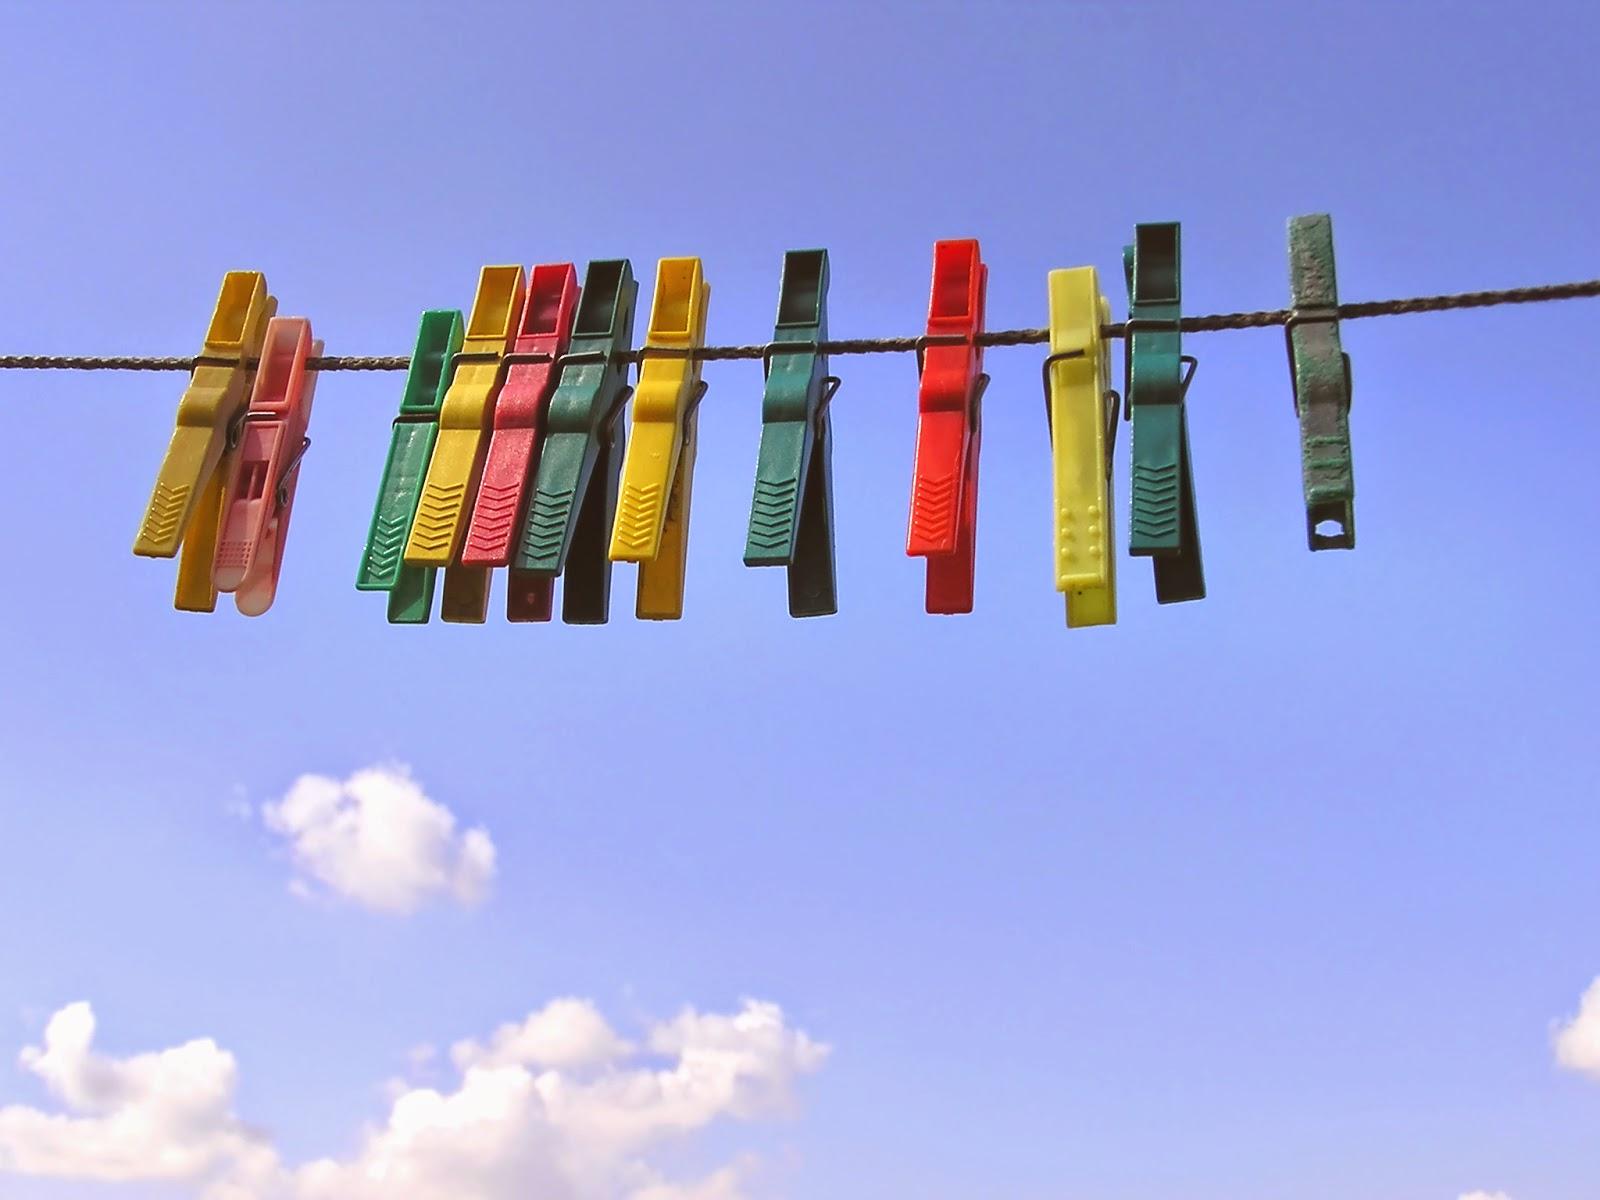 Toda la ropa limpia y seleccionada por colores